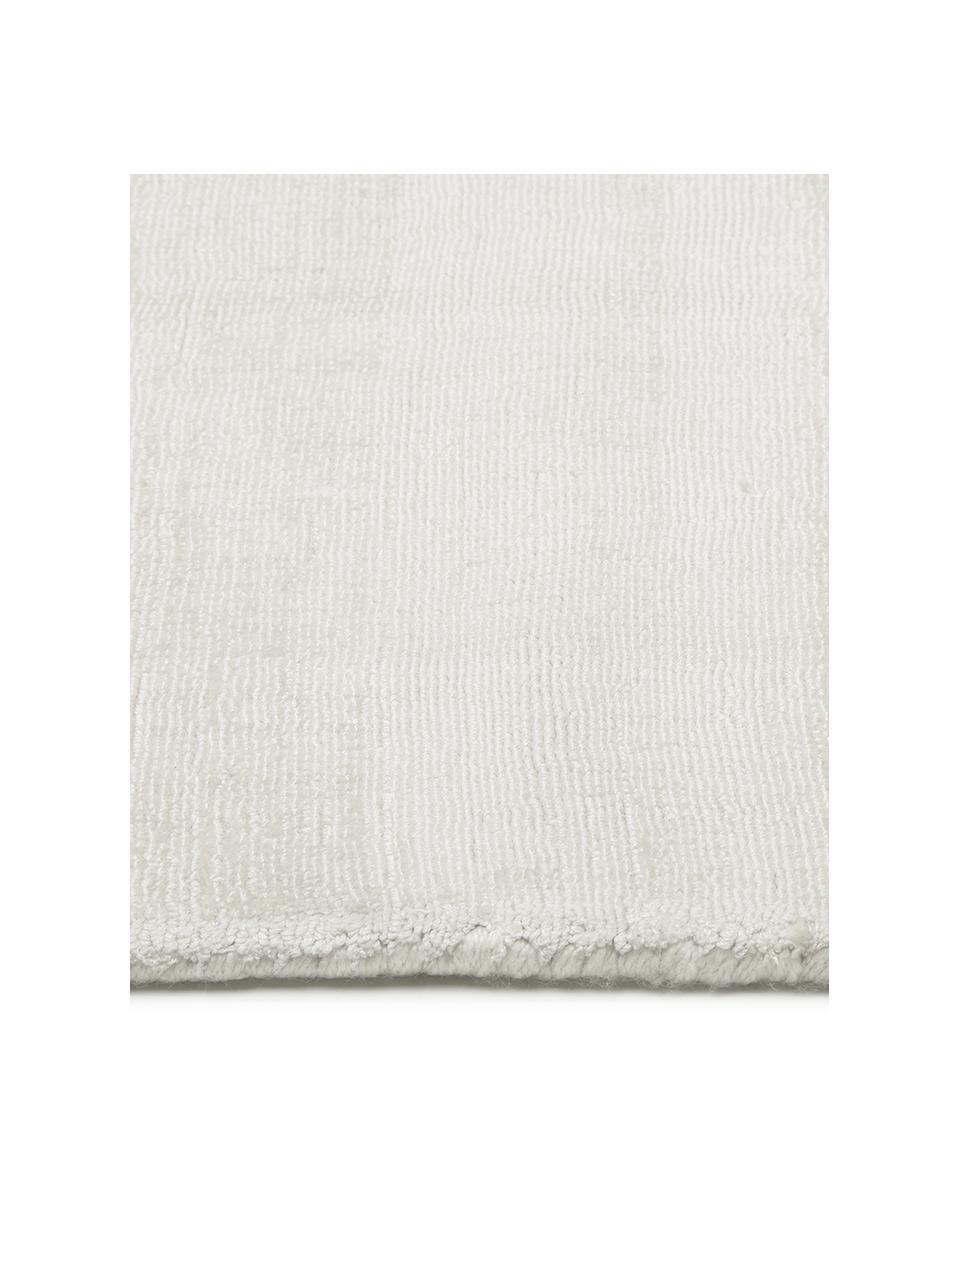 Tapis blanc ivoire en viscose tissé main Jane, Blanc ivoire